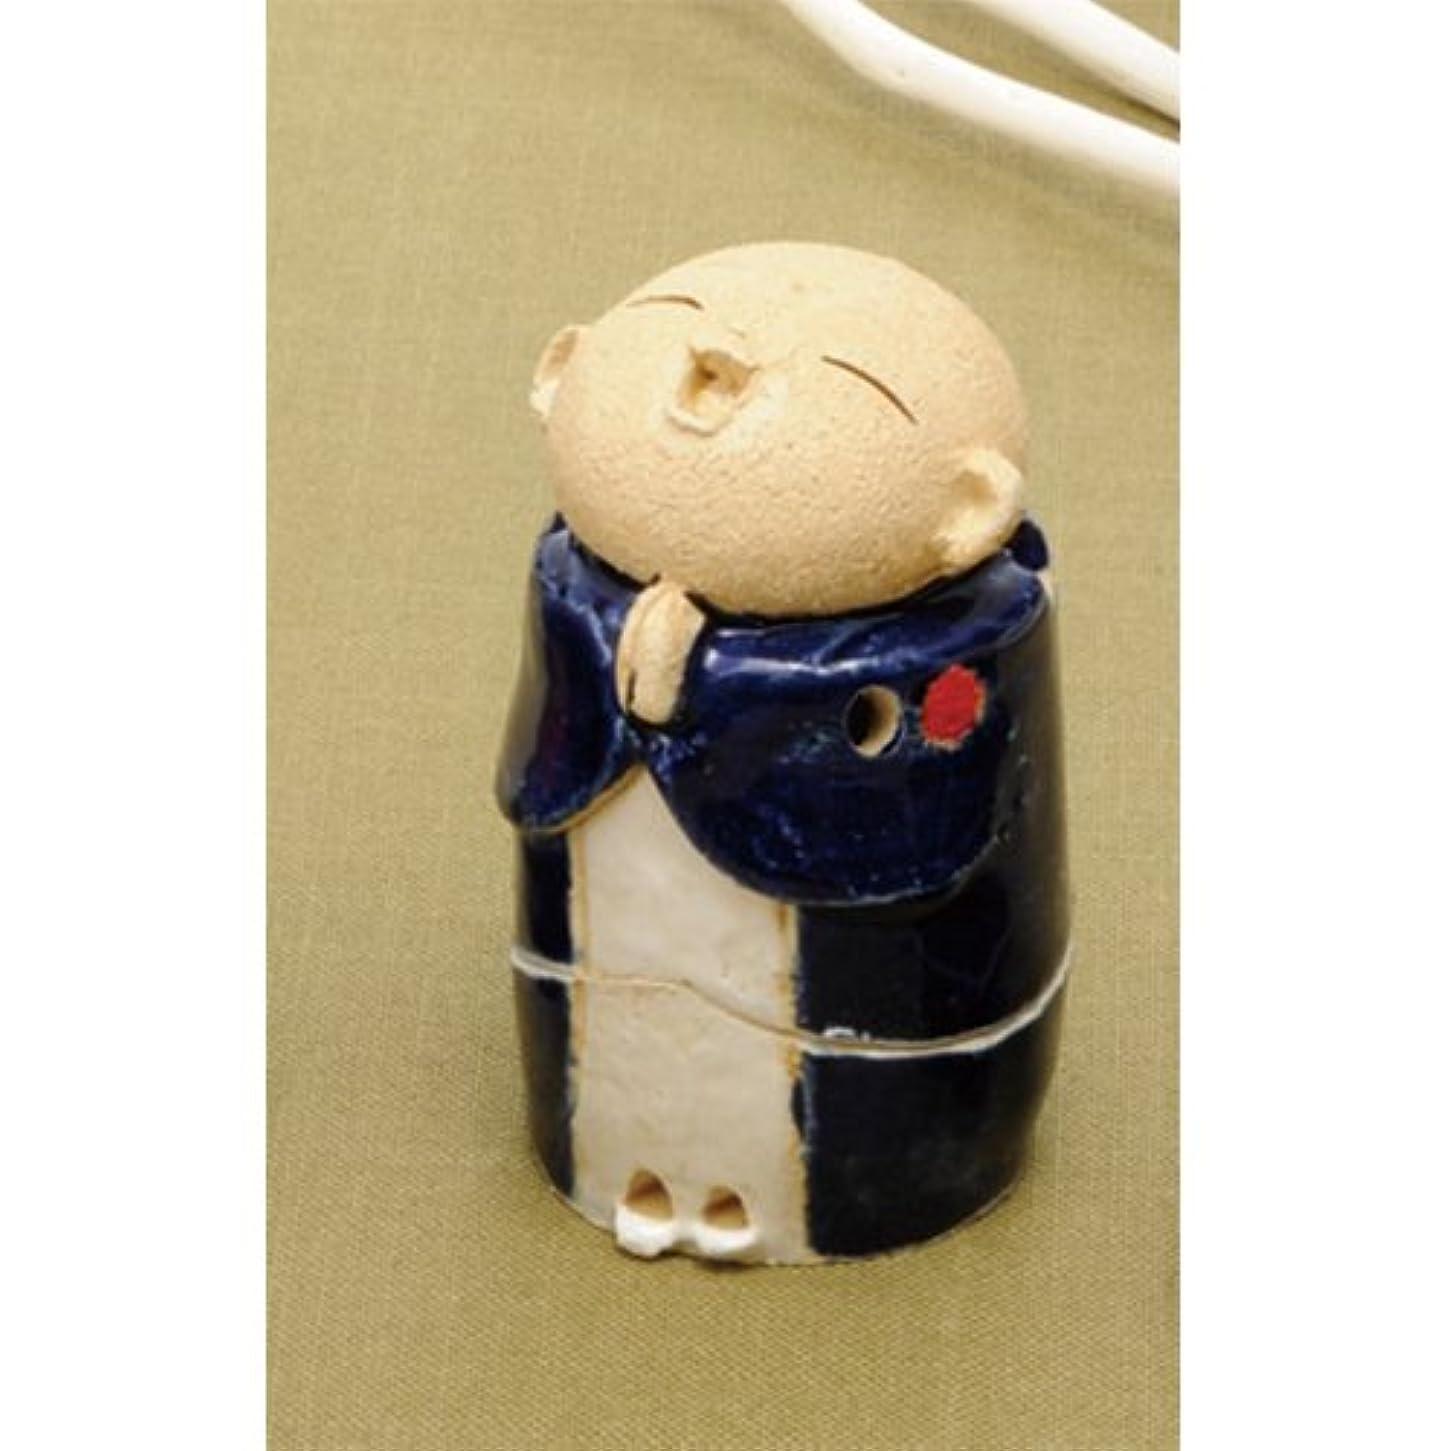 チャート過敏な運ぶお地蔵様 香炉シリーズ 青 お地蔵様 香炉 2.8寸 [H8.5cm] HANDMADE プレゼント ギフト 和食器 かわいい インテリア